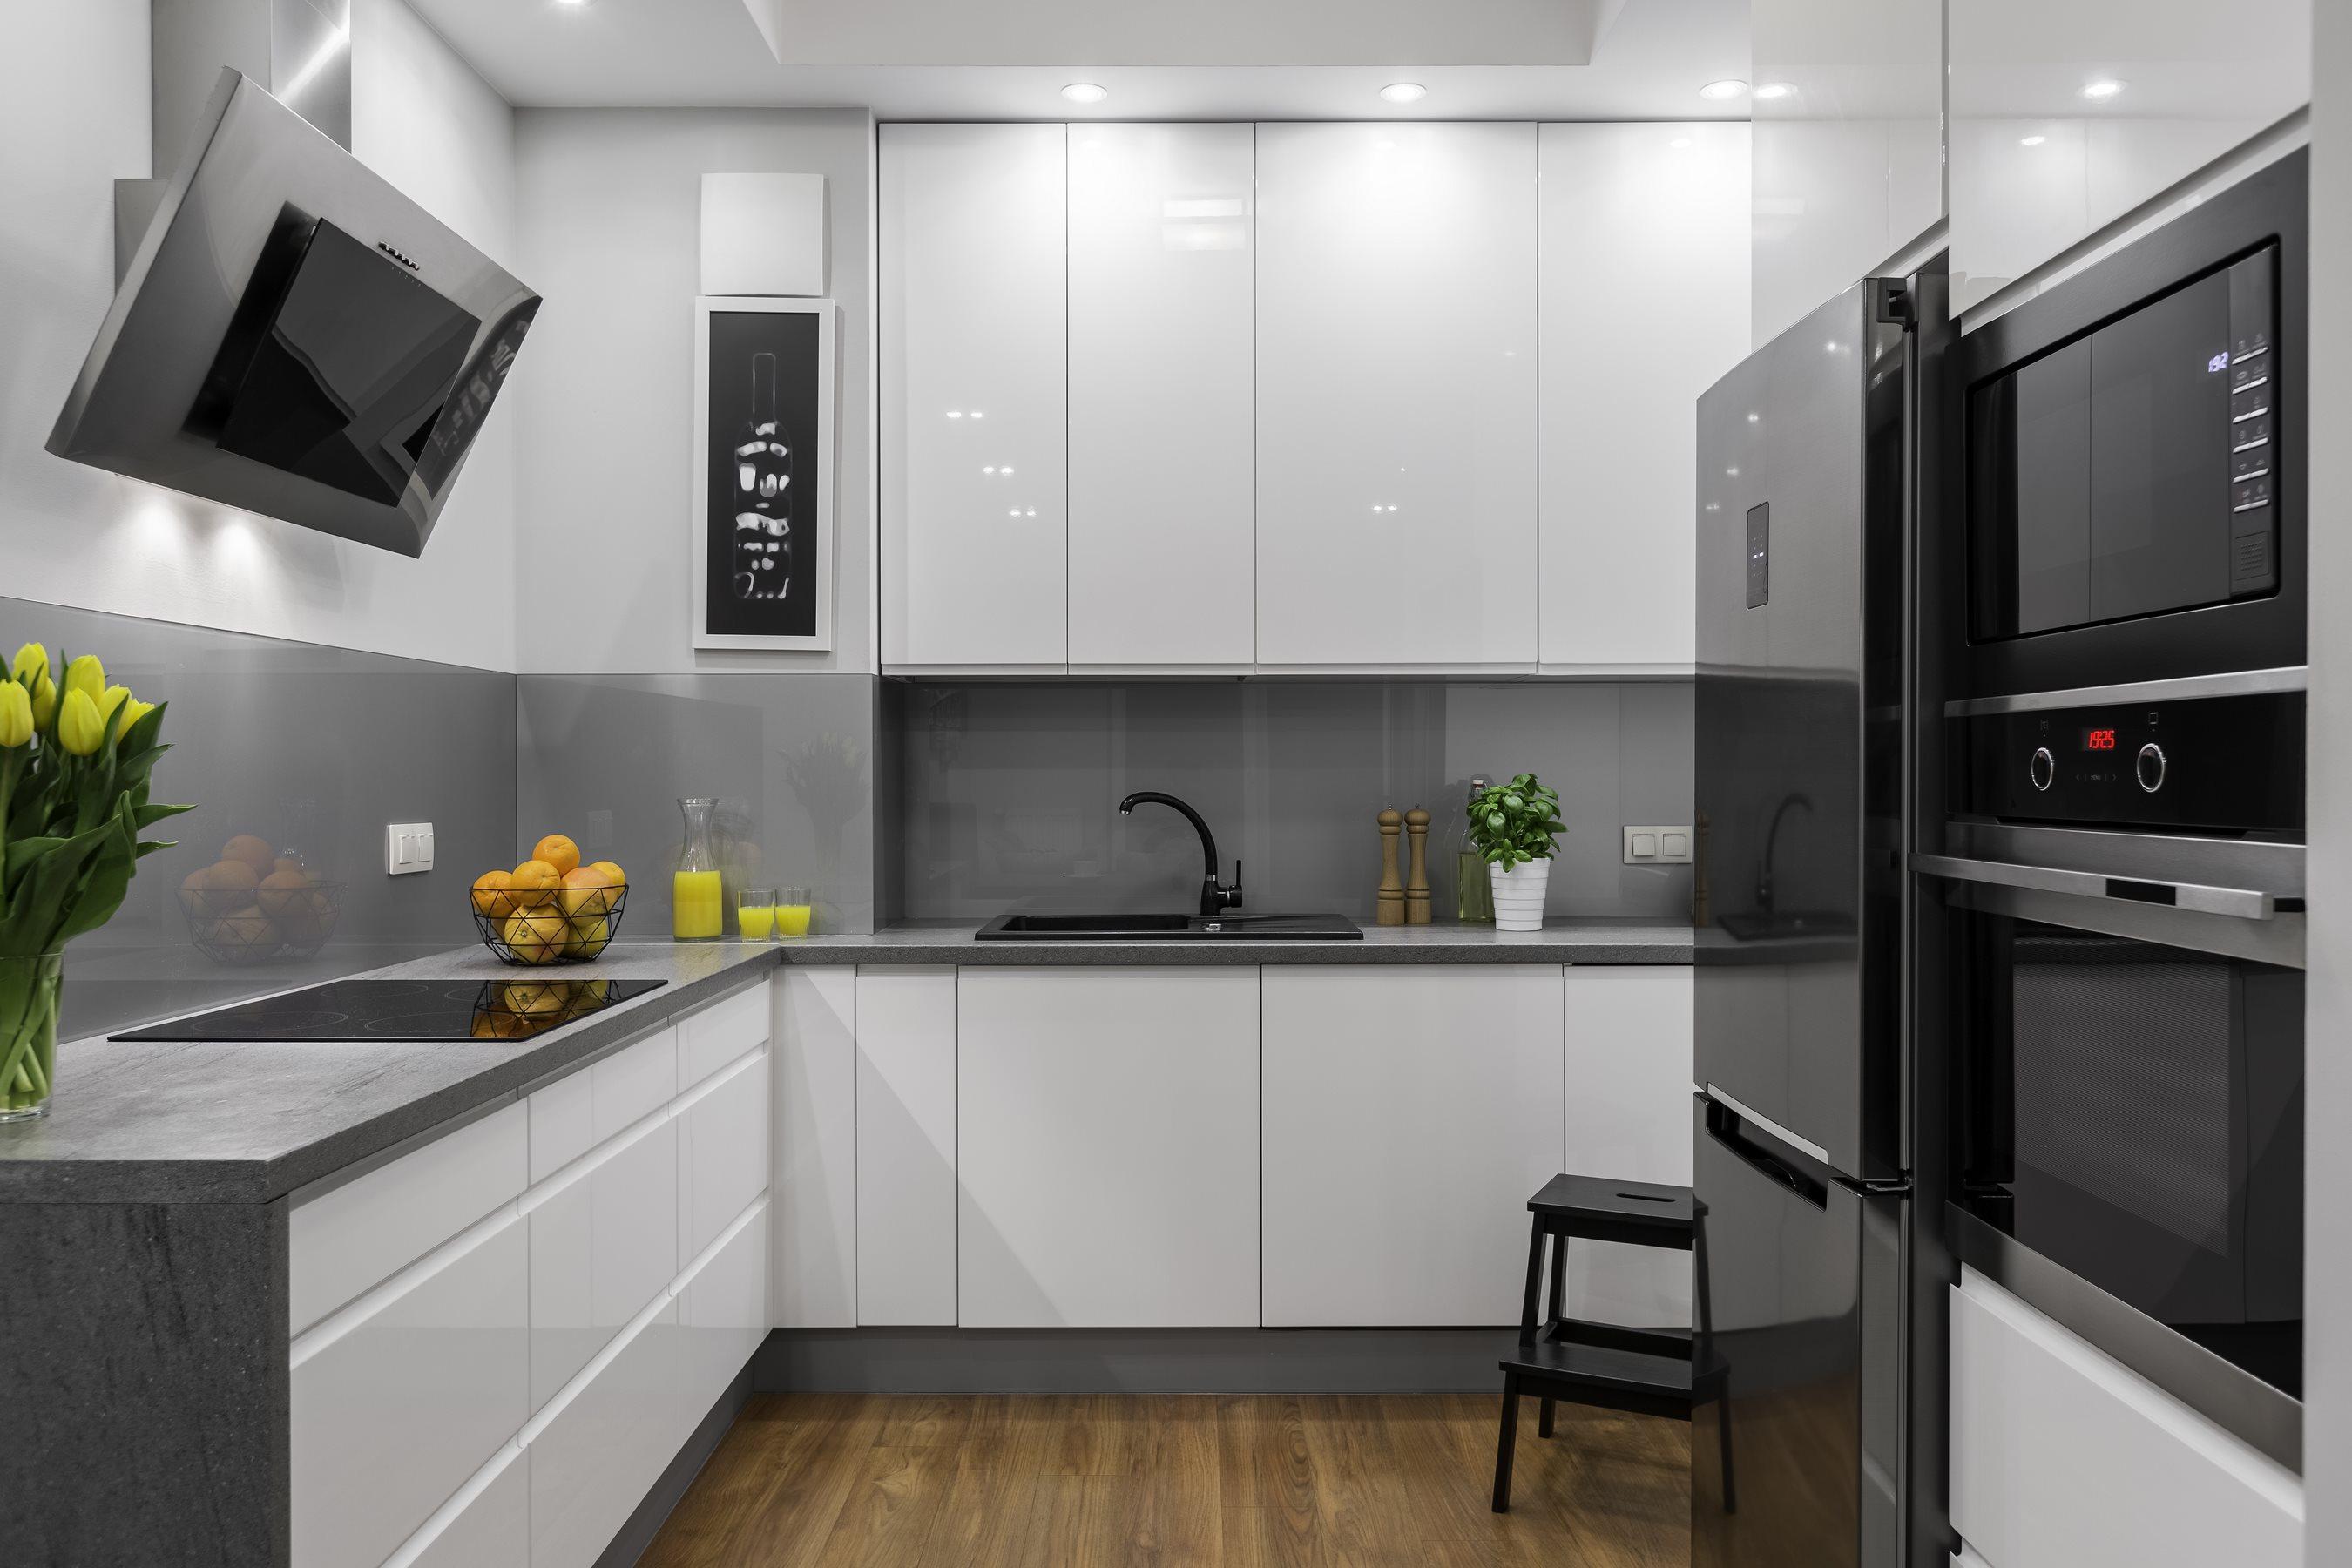 Biało szara zabudowa kuchni, idealna do kuchni z małym dostępem światła